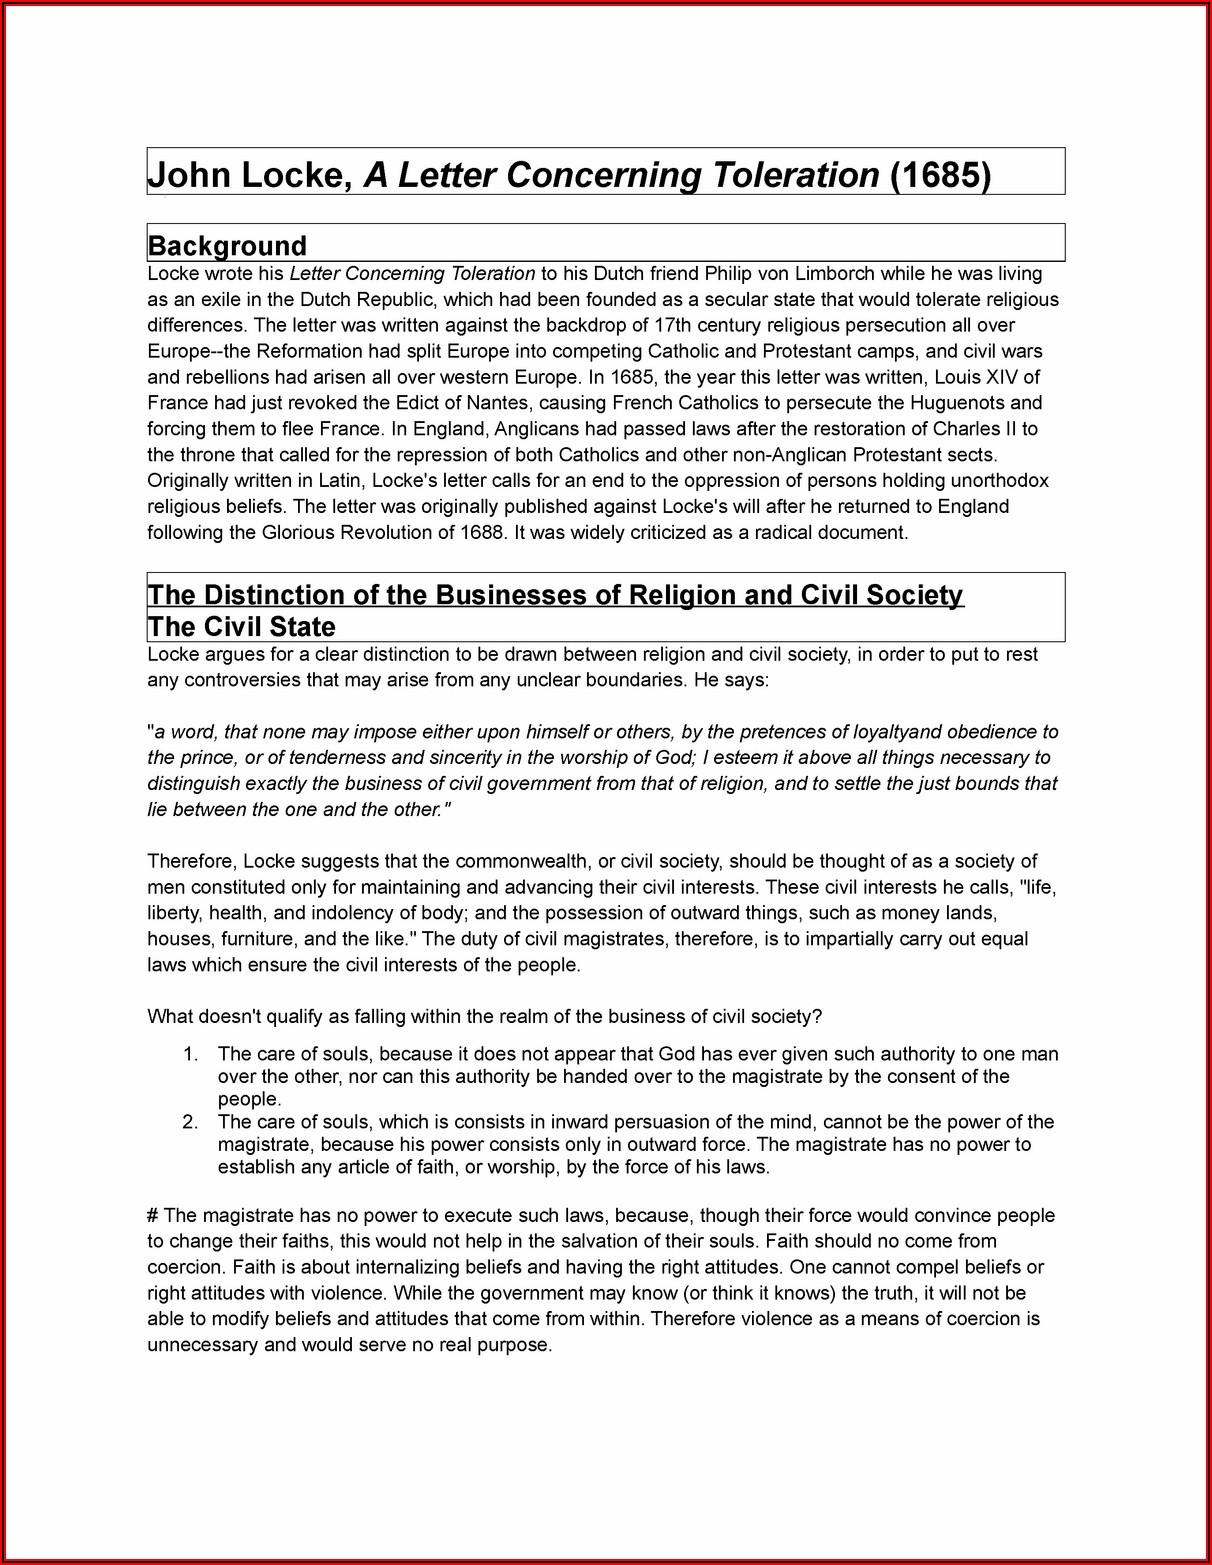 John Locke A Letter Concerning Toleration Sparknotes